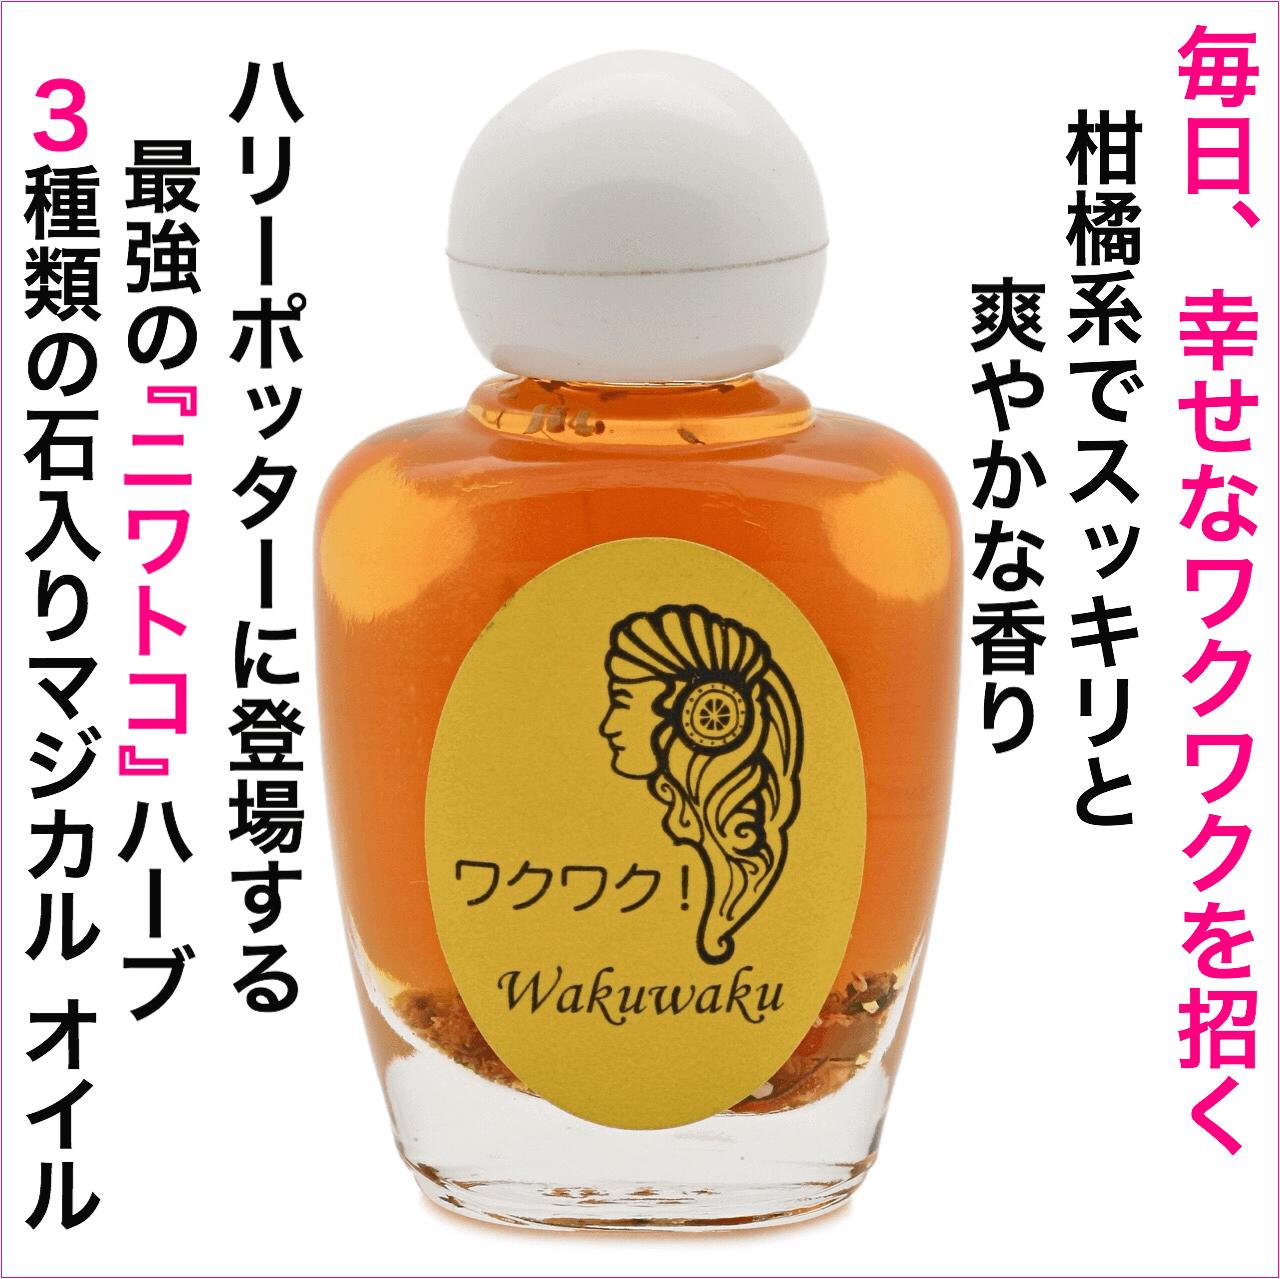 【送料無料】ワクワク   メモリーオイル Waku Waku  Limited Edition 特別限定オイル